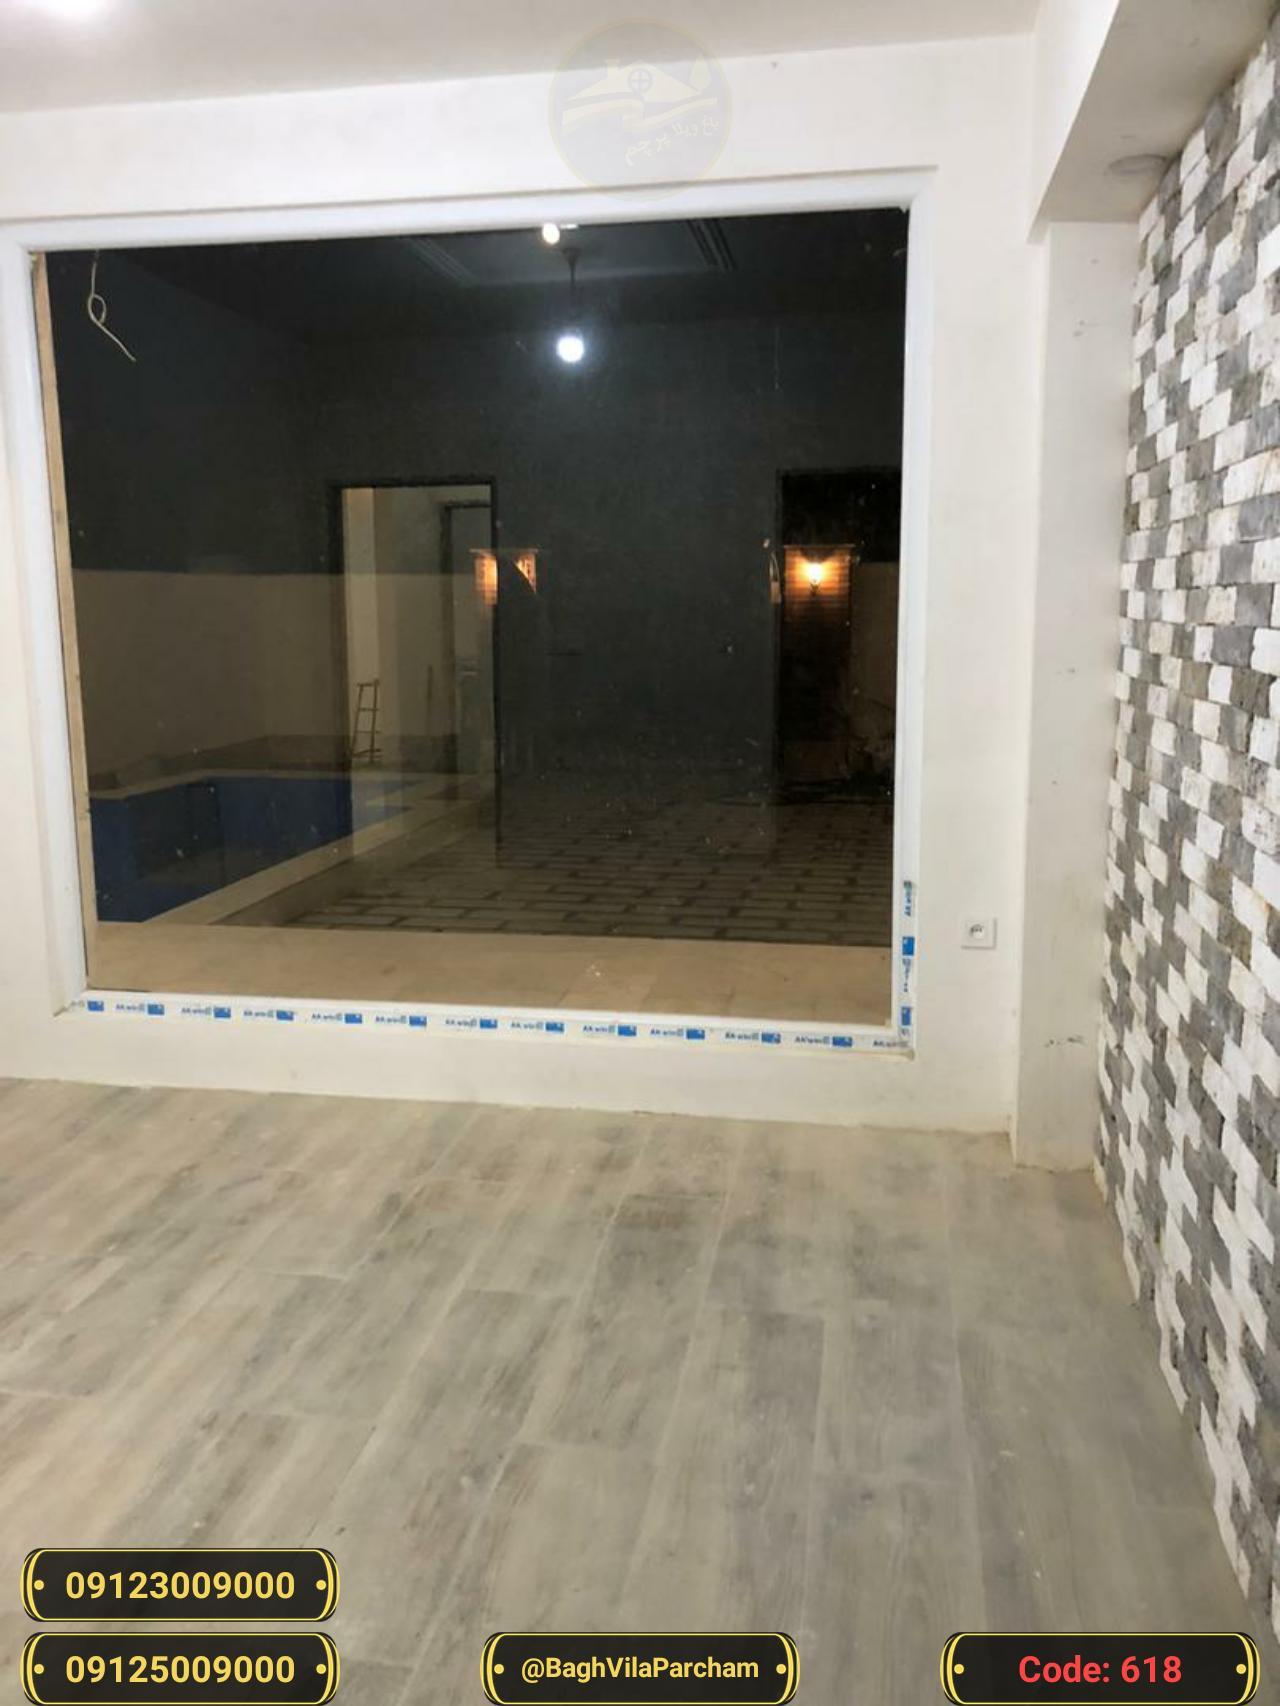 تصویر عکس باغ ویلا شماره 9 از ویلای ویلا ۲۲۰ متری Picture photo image 9 of ویلا ۲۲۰ متری